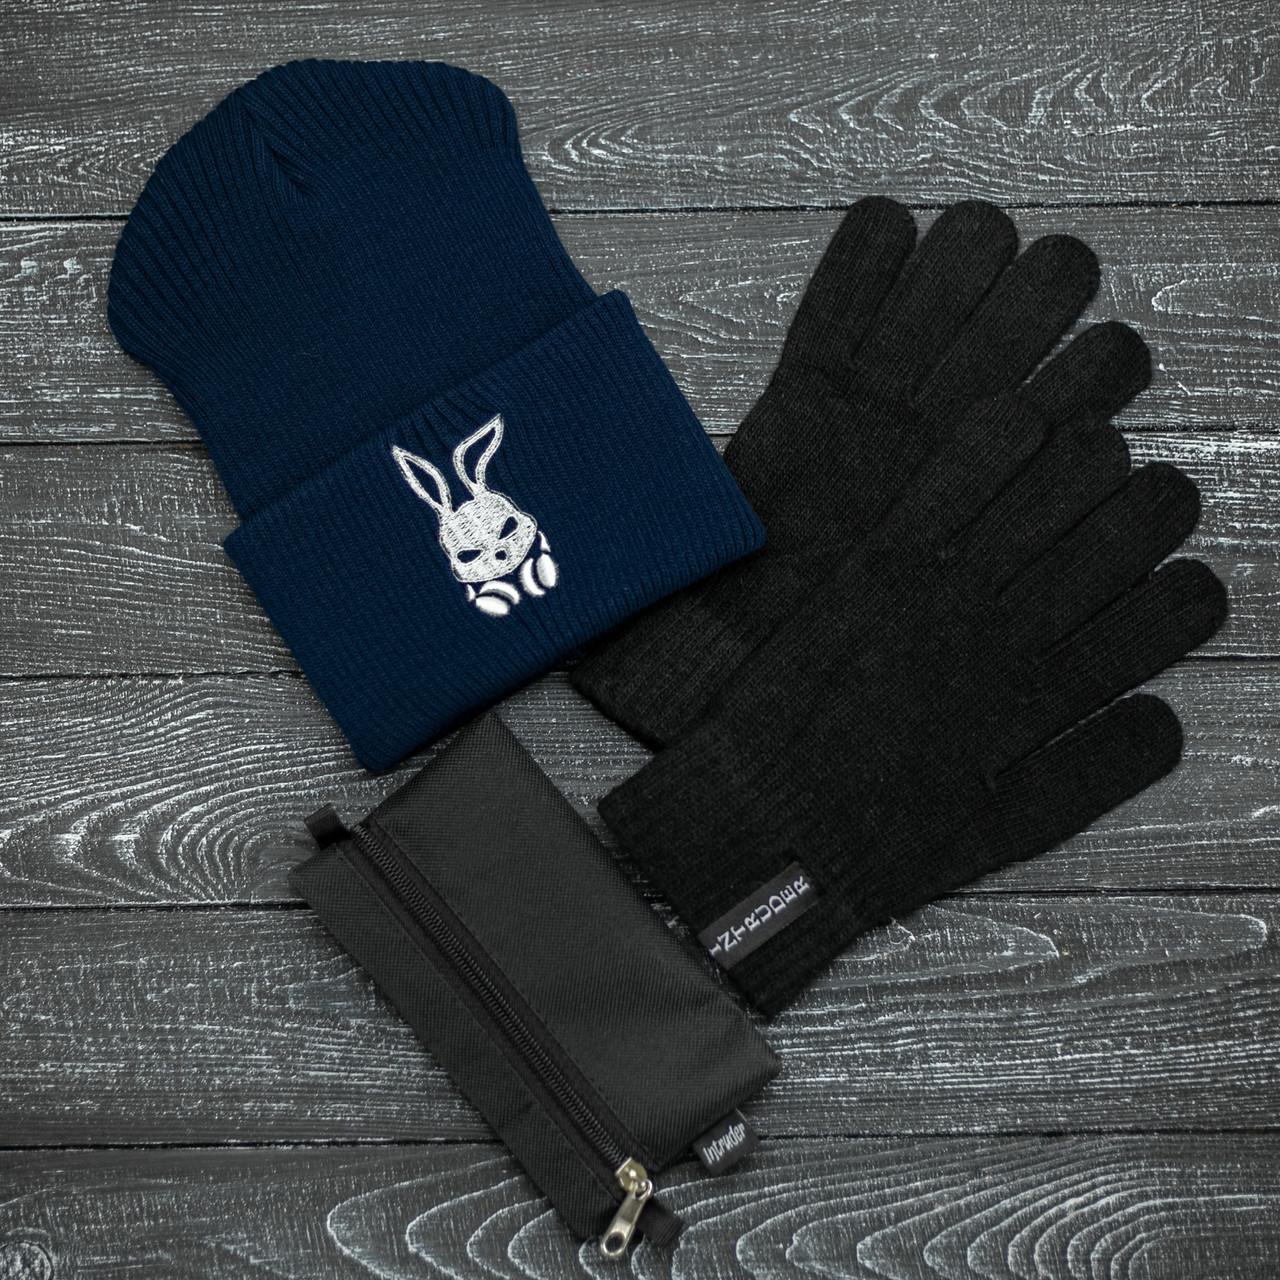 Шапка Мужская/ Женская Intruder зимняя bunny logo синяя и перчатки черные, зимний комплект